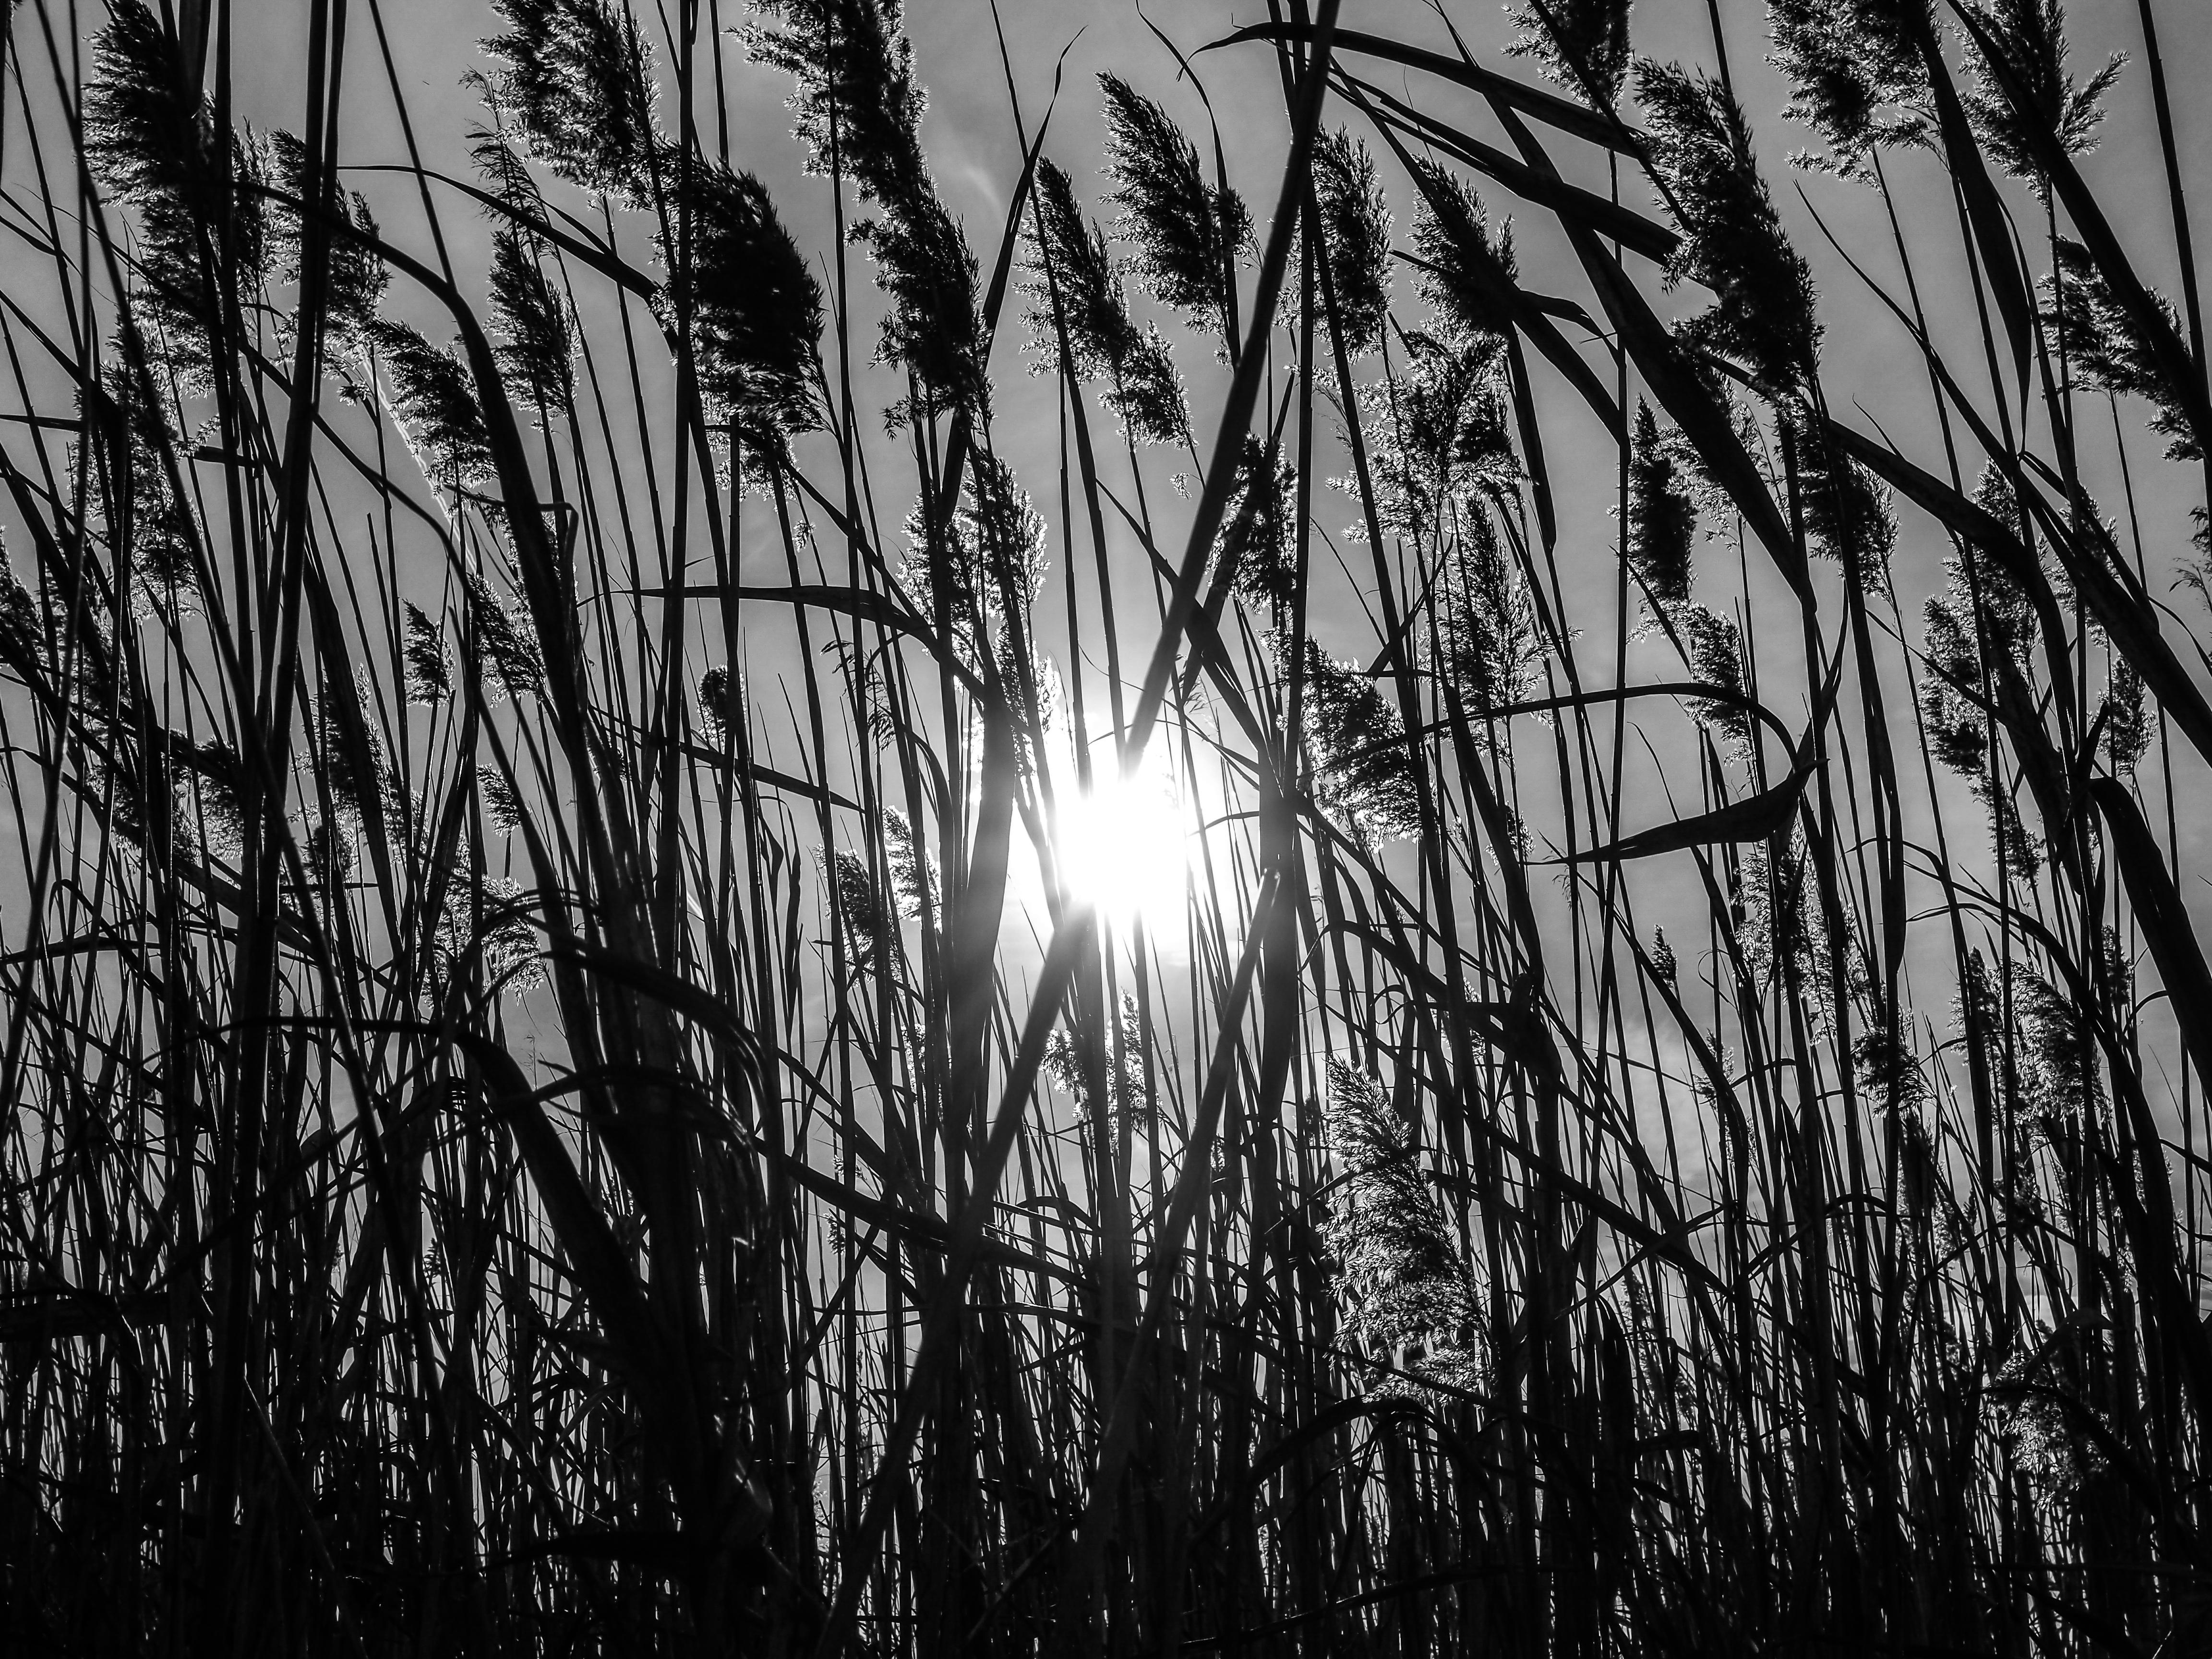 Sea Reeds Falmouth, Maine